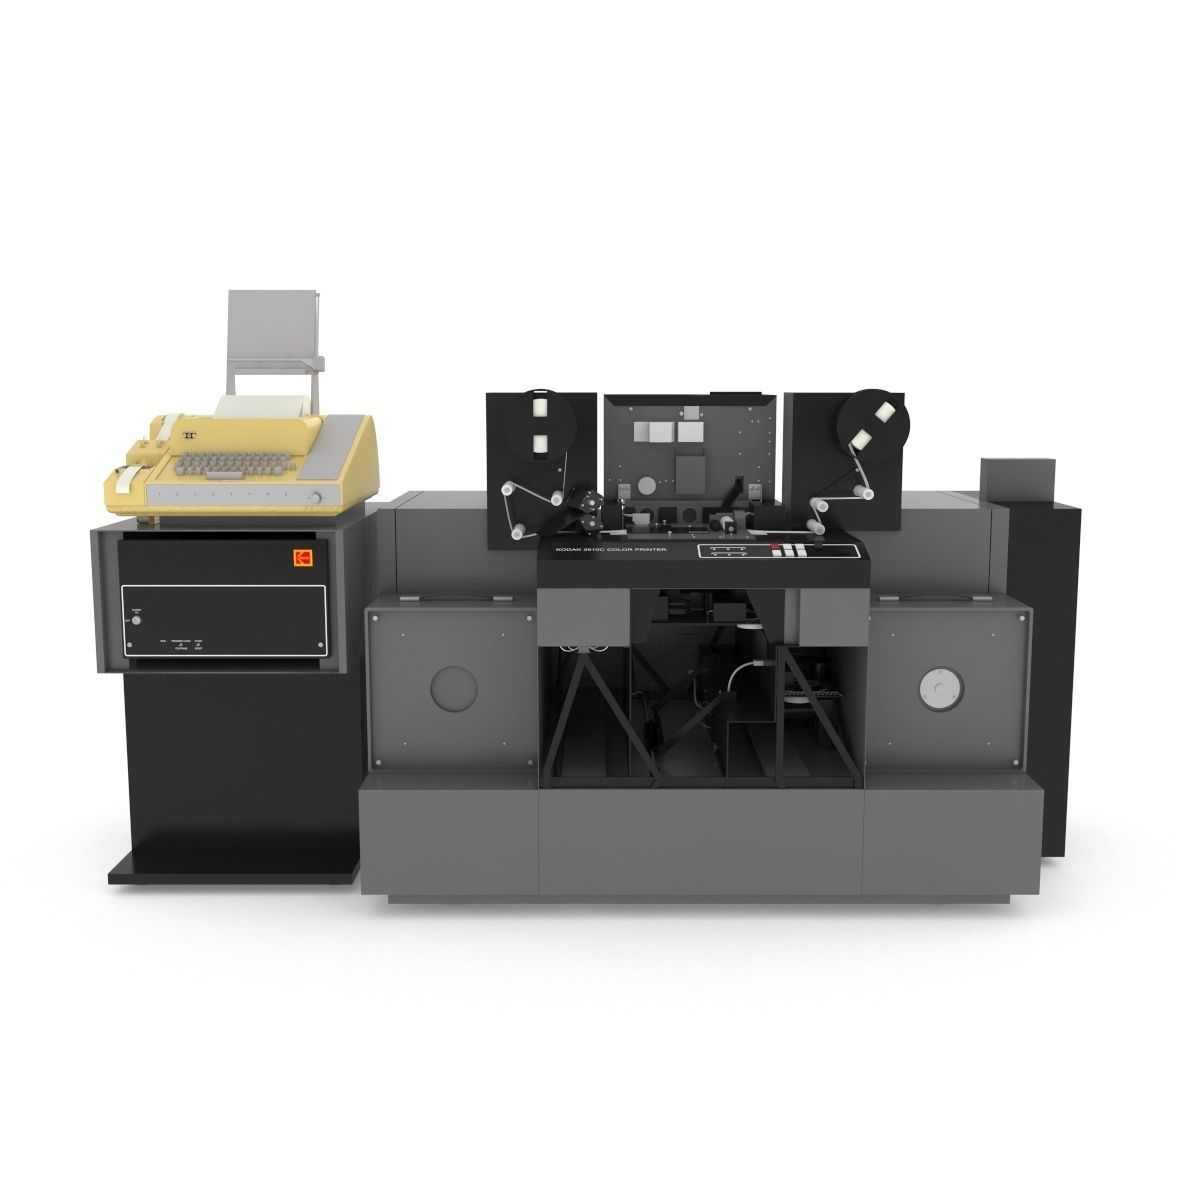 1982 Kodak 2610-C Color Printer-Computer Assembly | 3D model